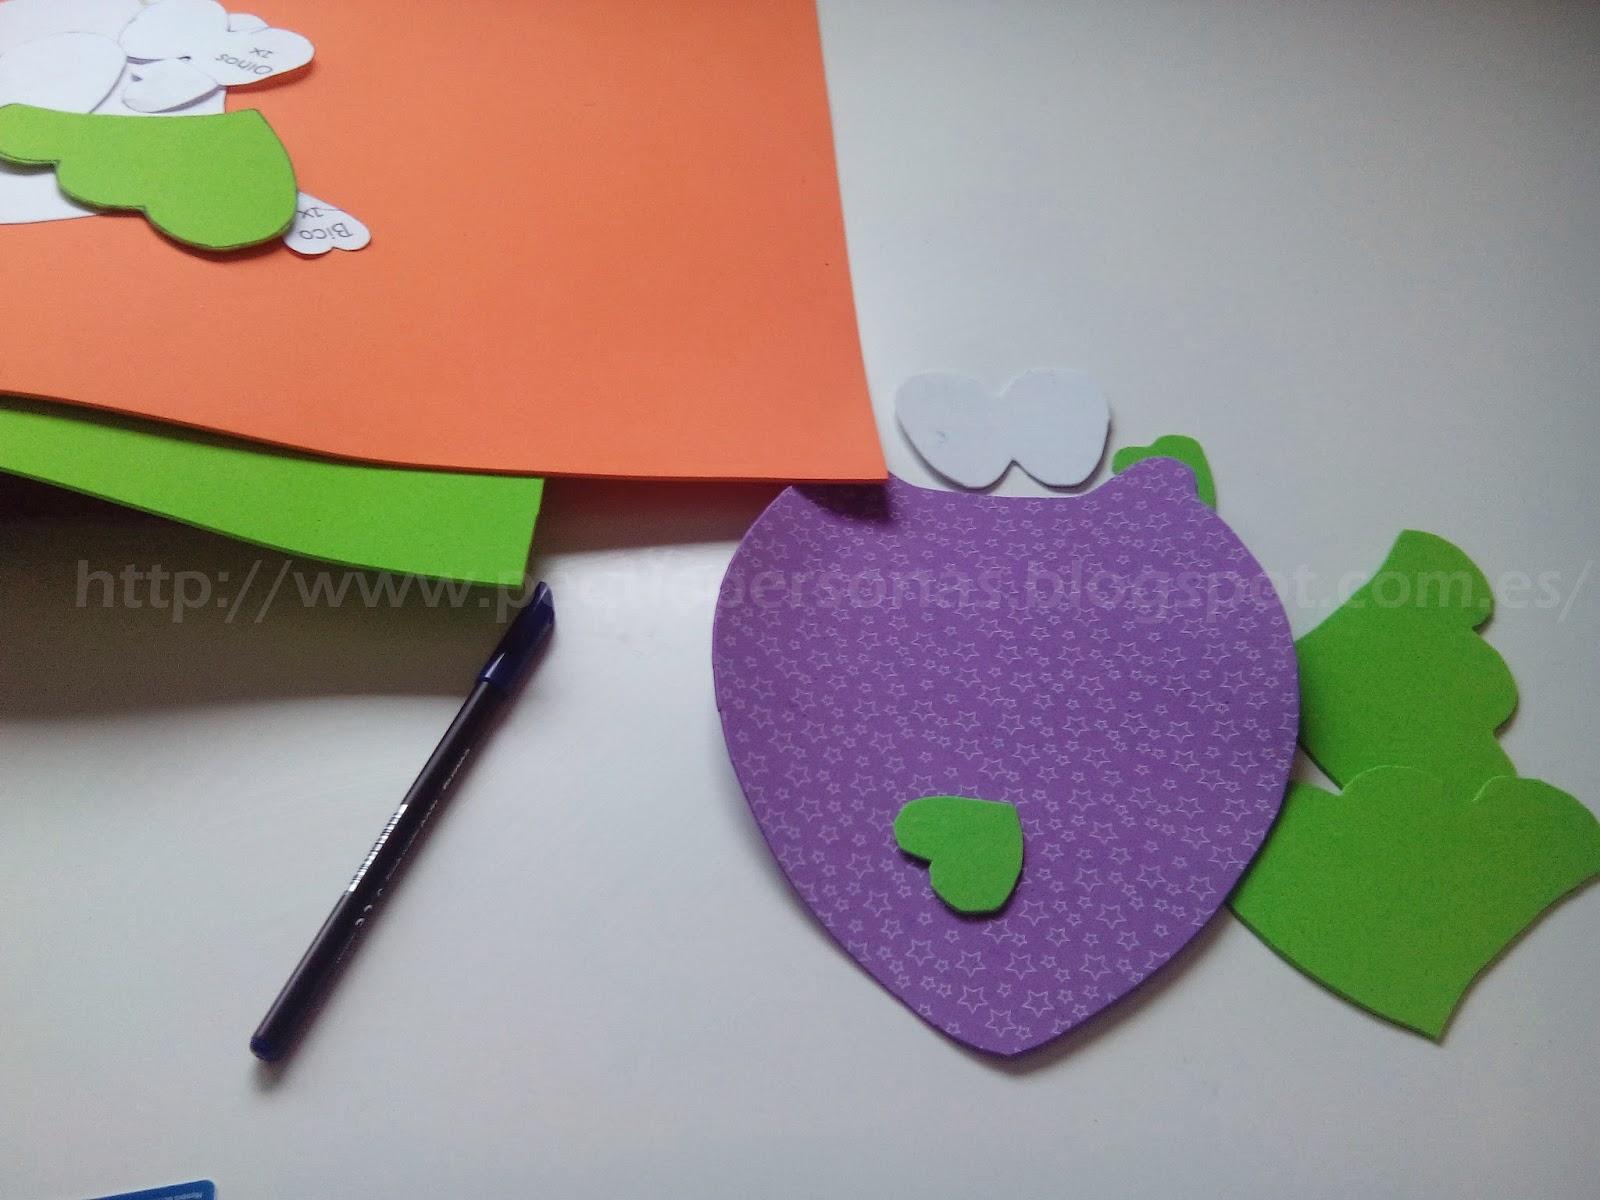 Manualidades b hos para decorar la habitaci n de los peques peque as personitas - Manualidades para decorar la habitacion ...